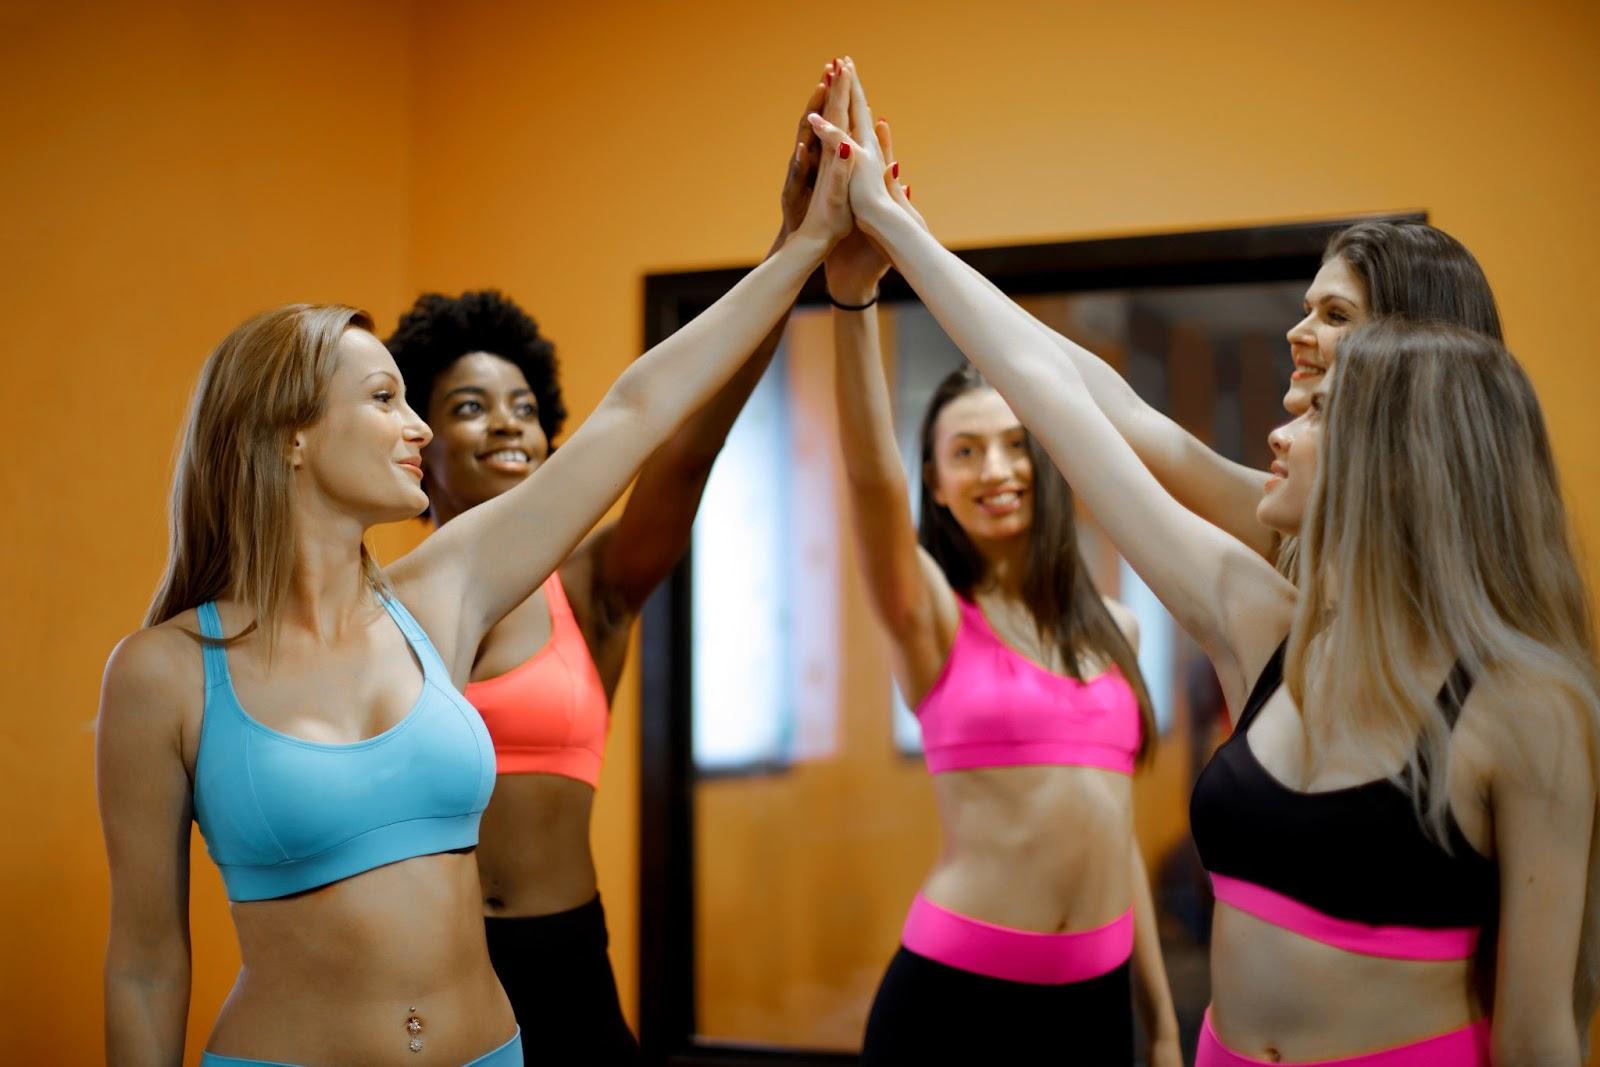 Как определить целевую аудиторию фитнес-клуба?